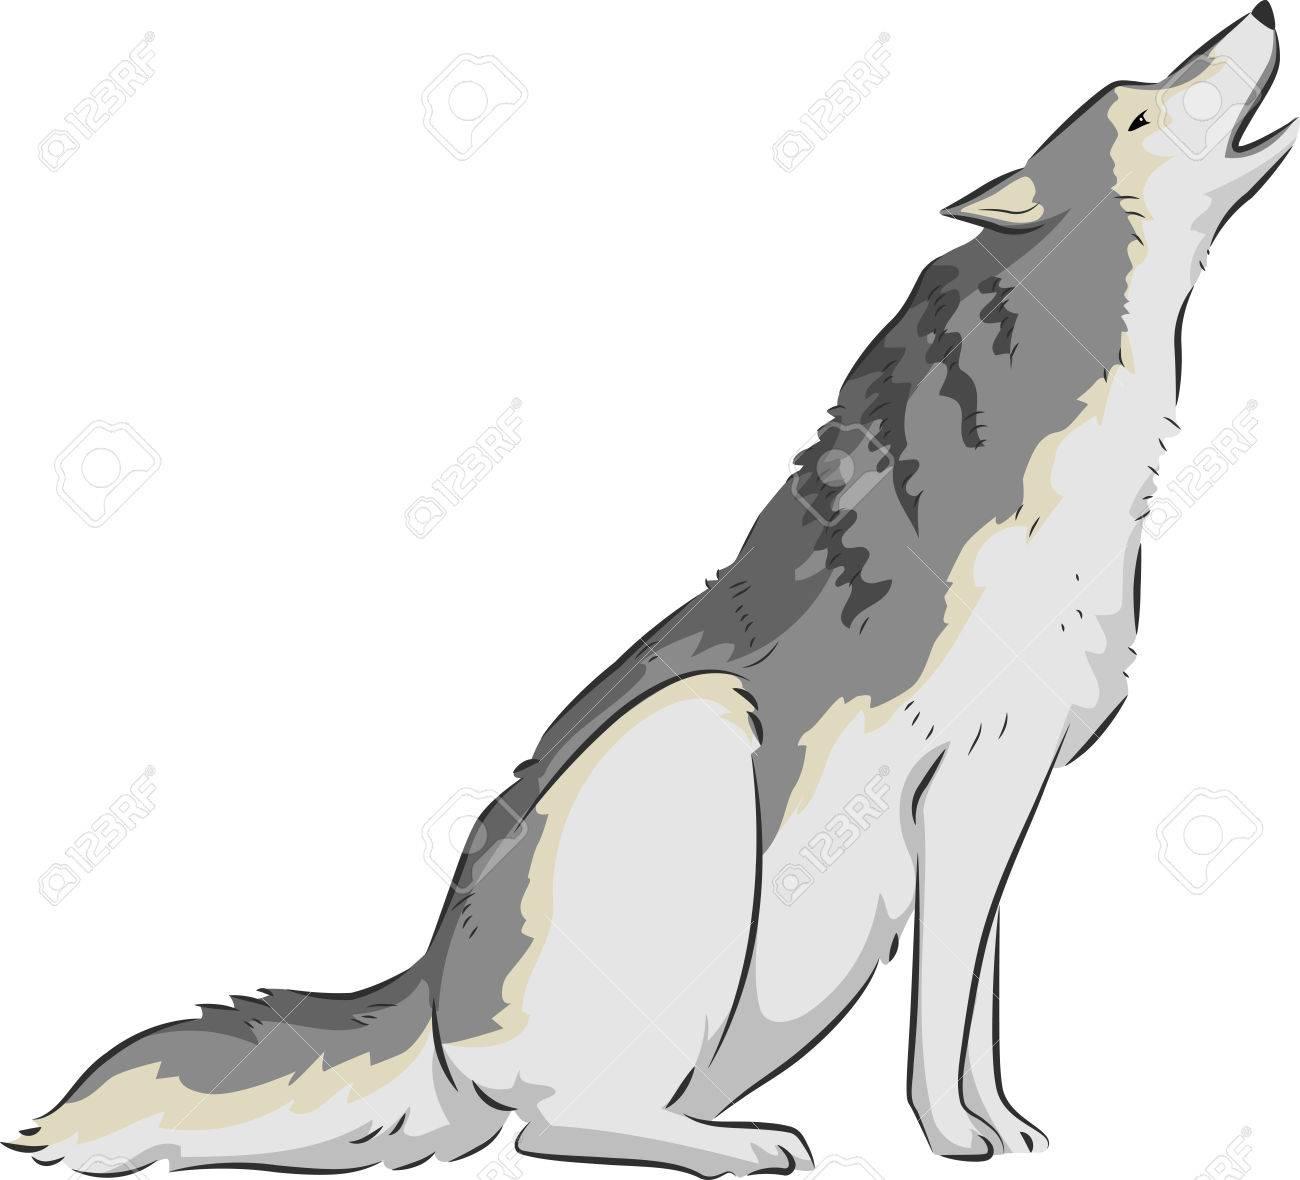 100 狼 遠吠え イラスト 最高の写真の壁紙のコレクション 無料